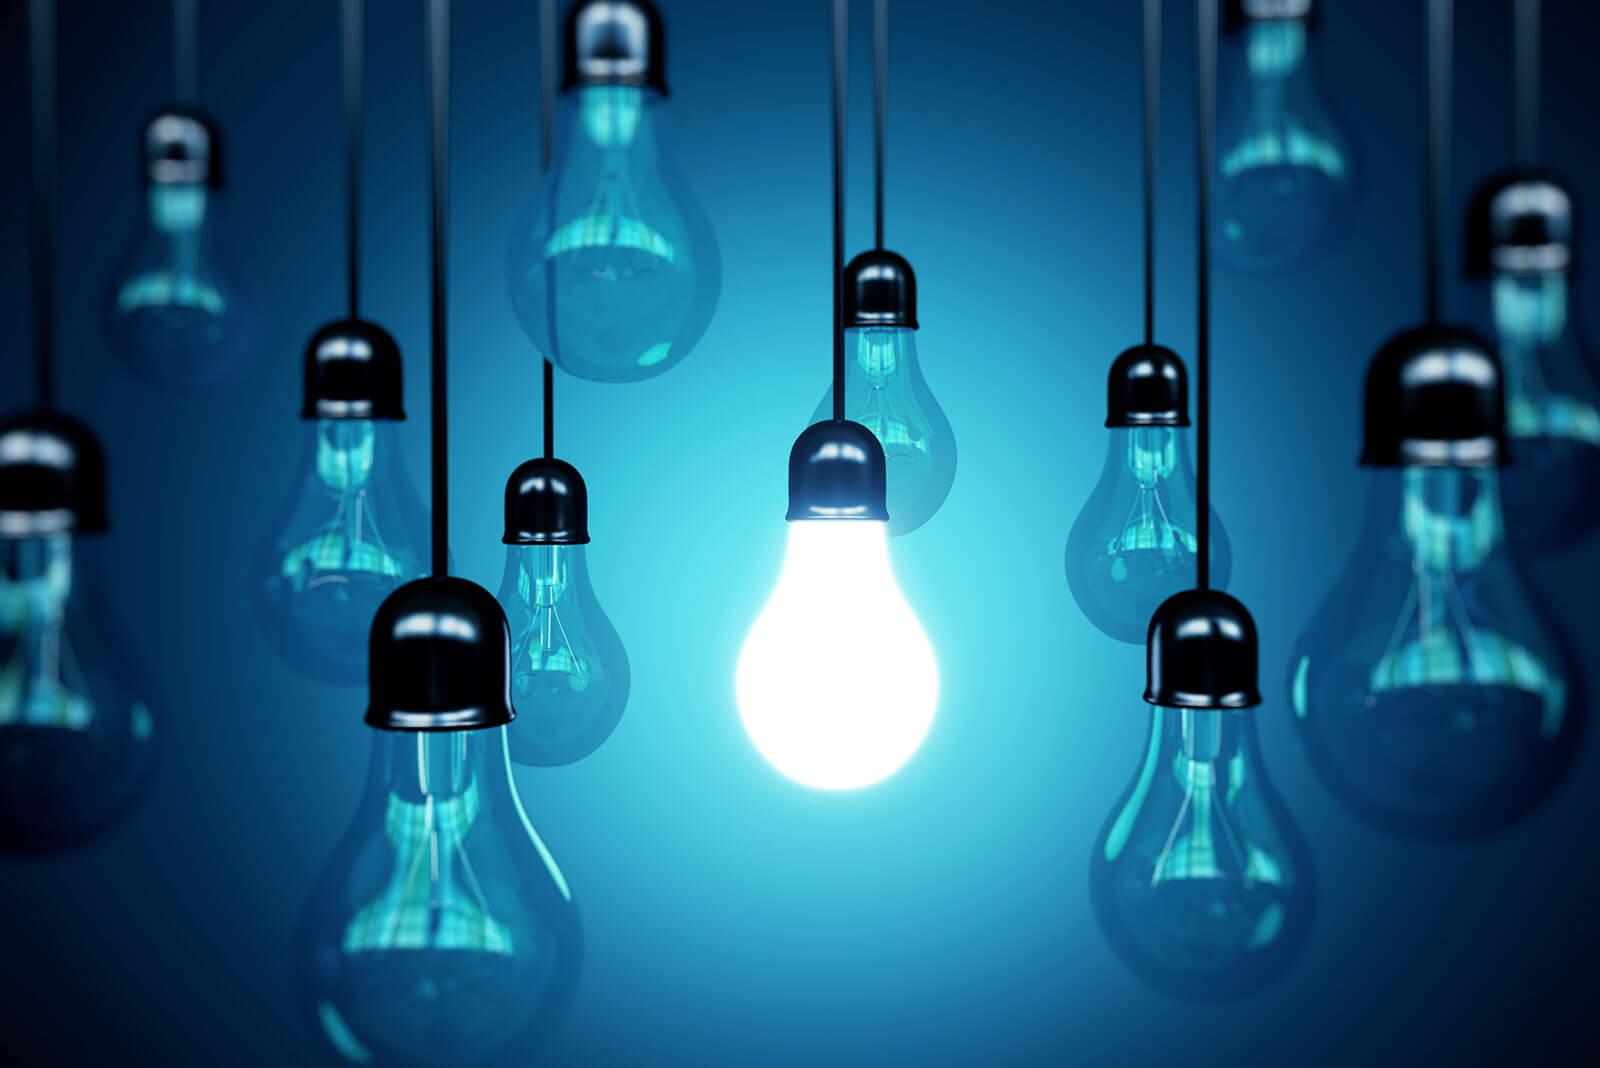 La innovación comparada internacionalmente: ¿Qué países tienen más éxito? (III)